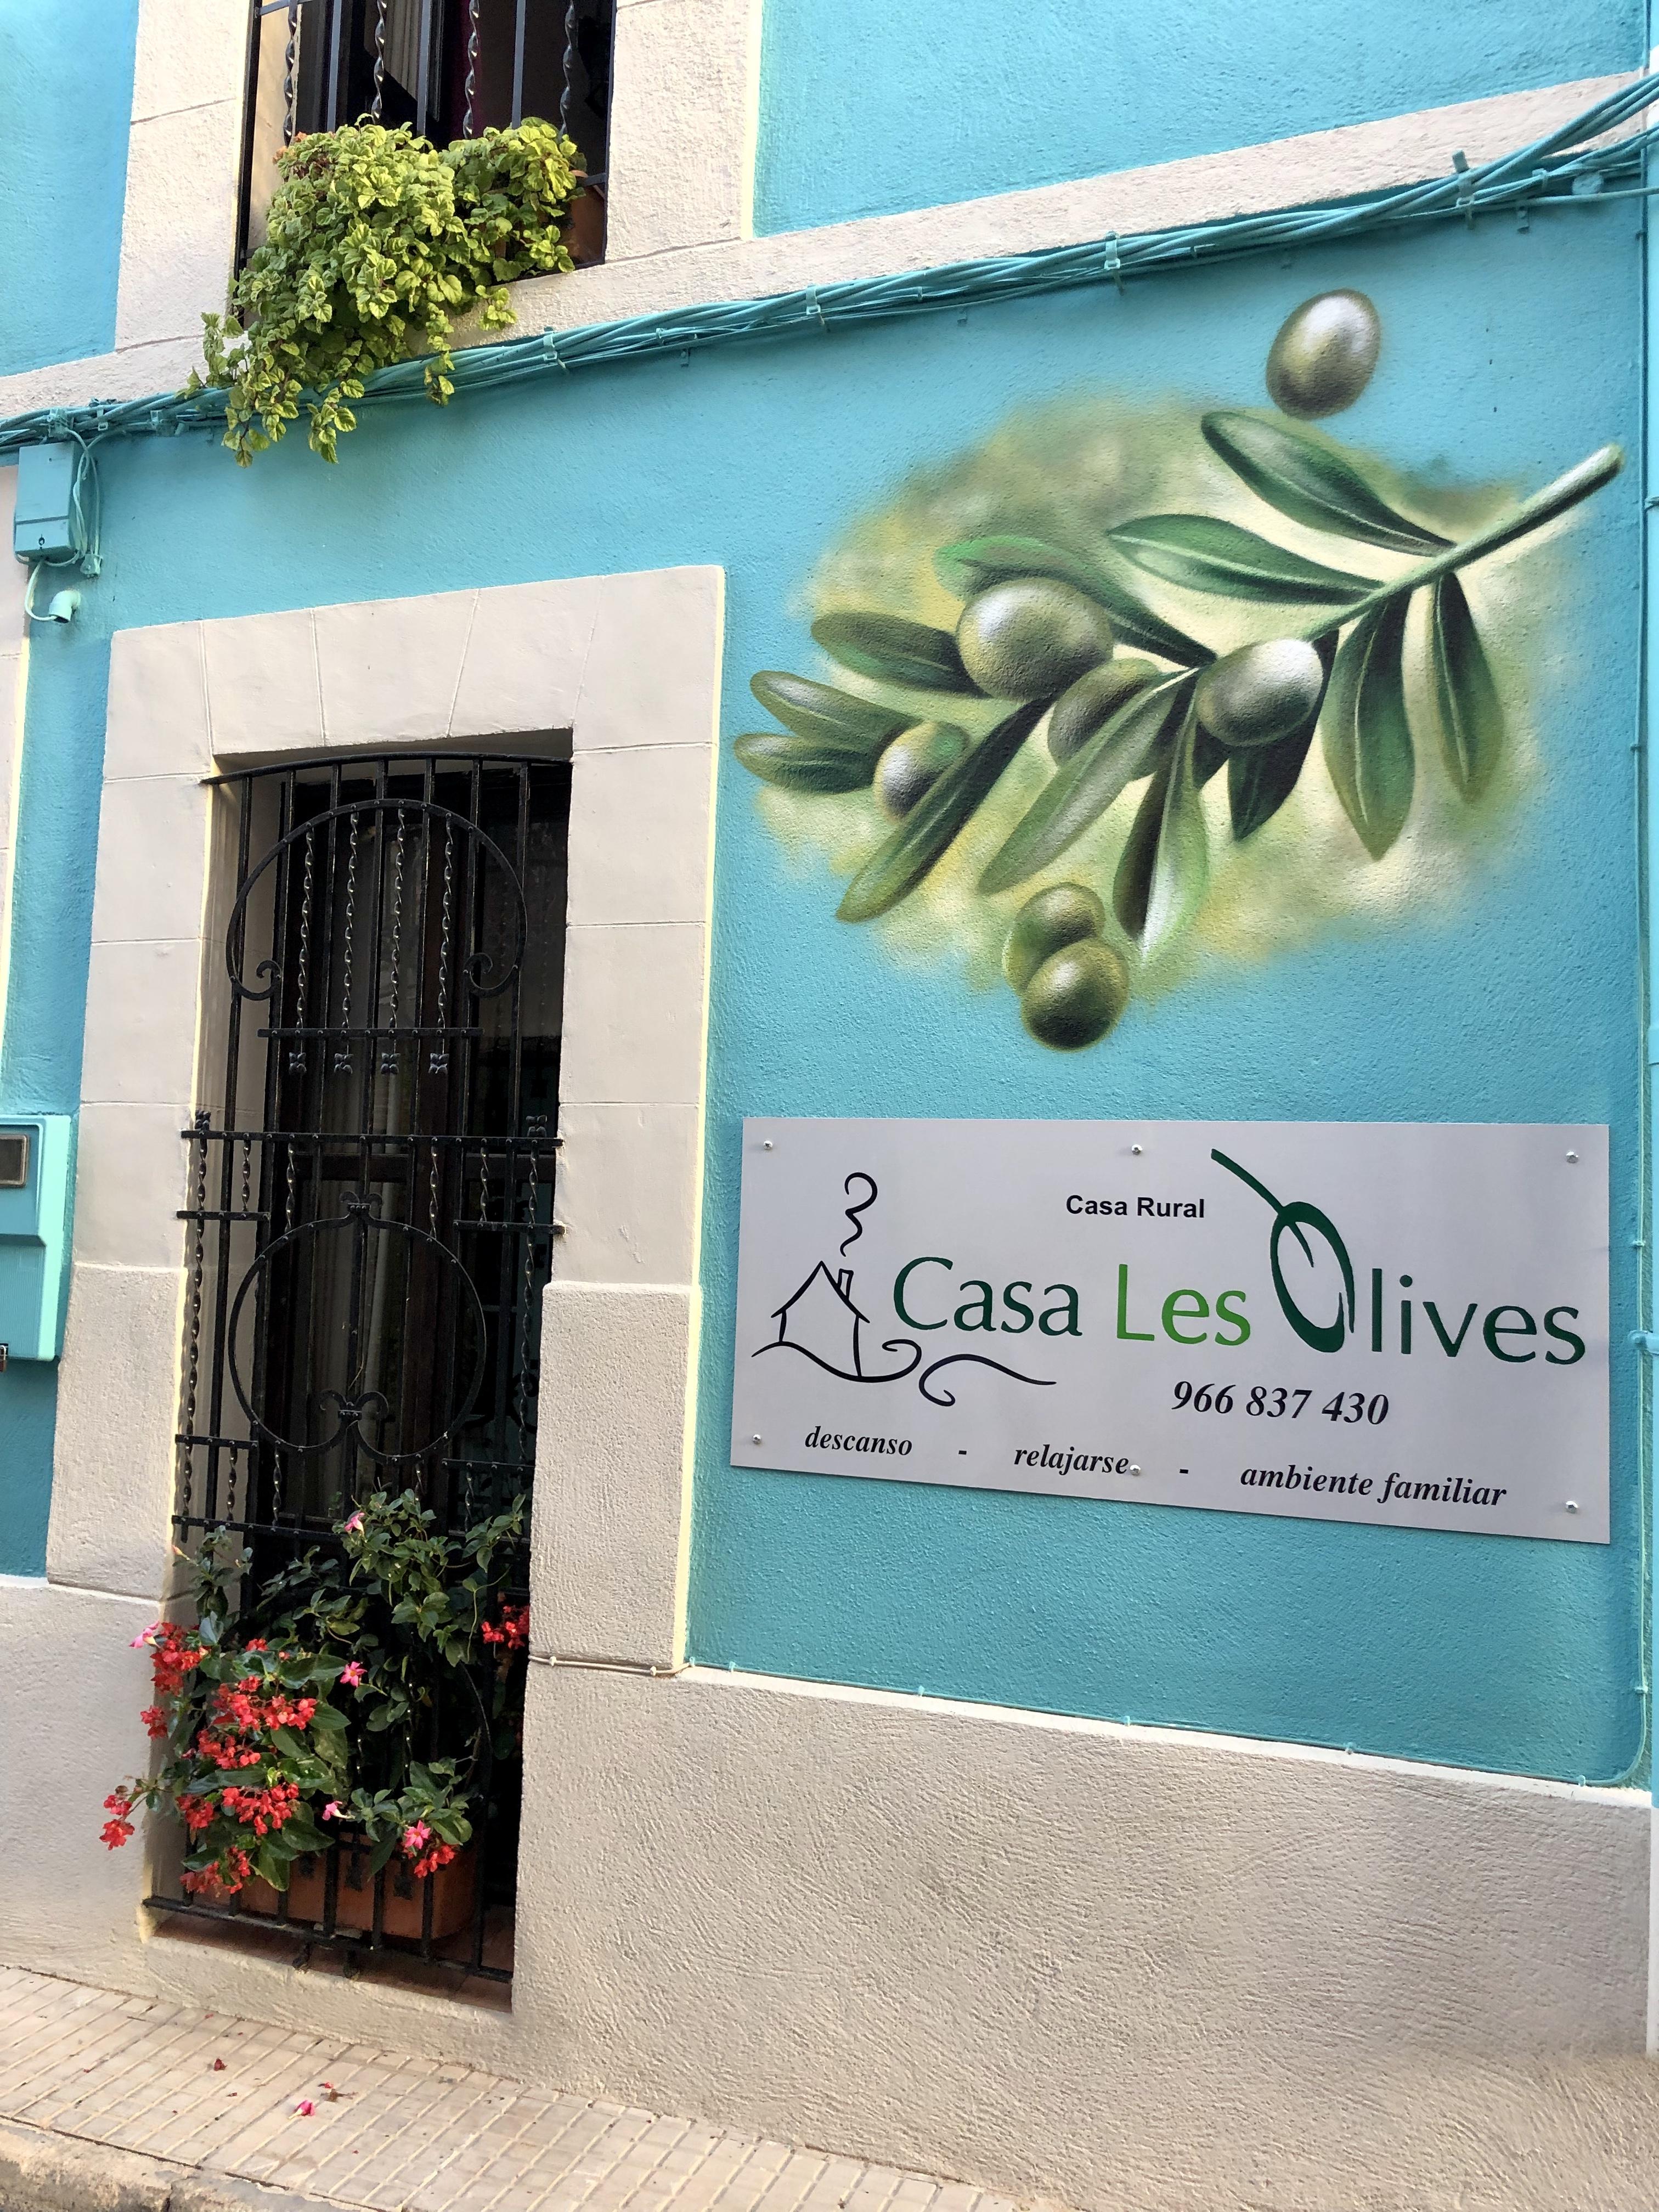 卡萨莱斯奥利韦斯酒店